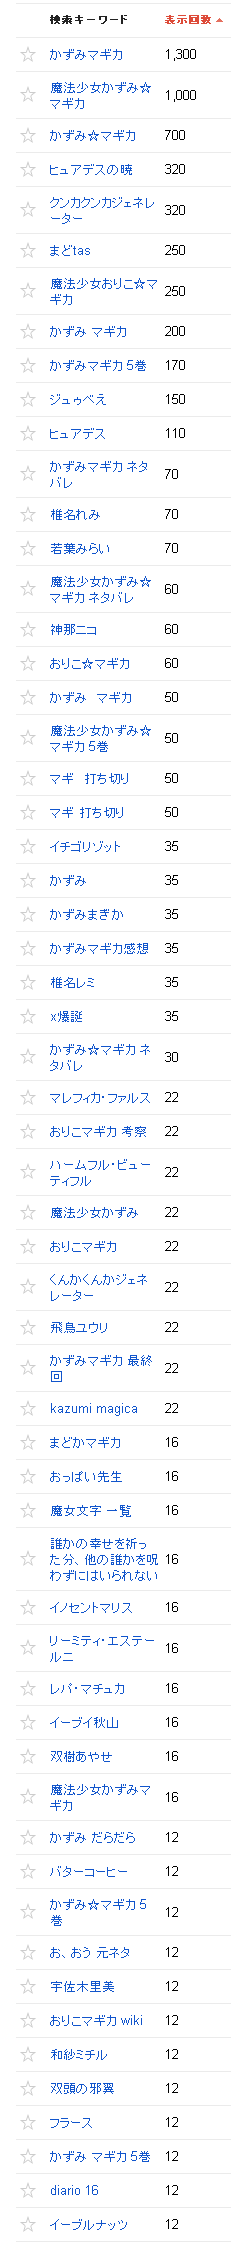 2013/01/02の検索数推移2013/02/02の検索クエリ一覧(ウェブマスターツール)の上位